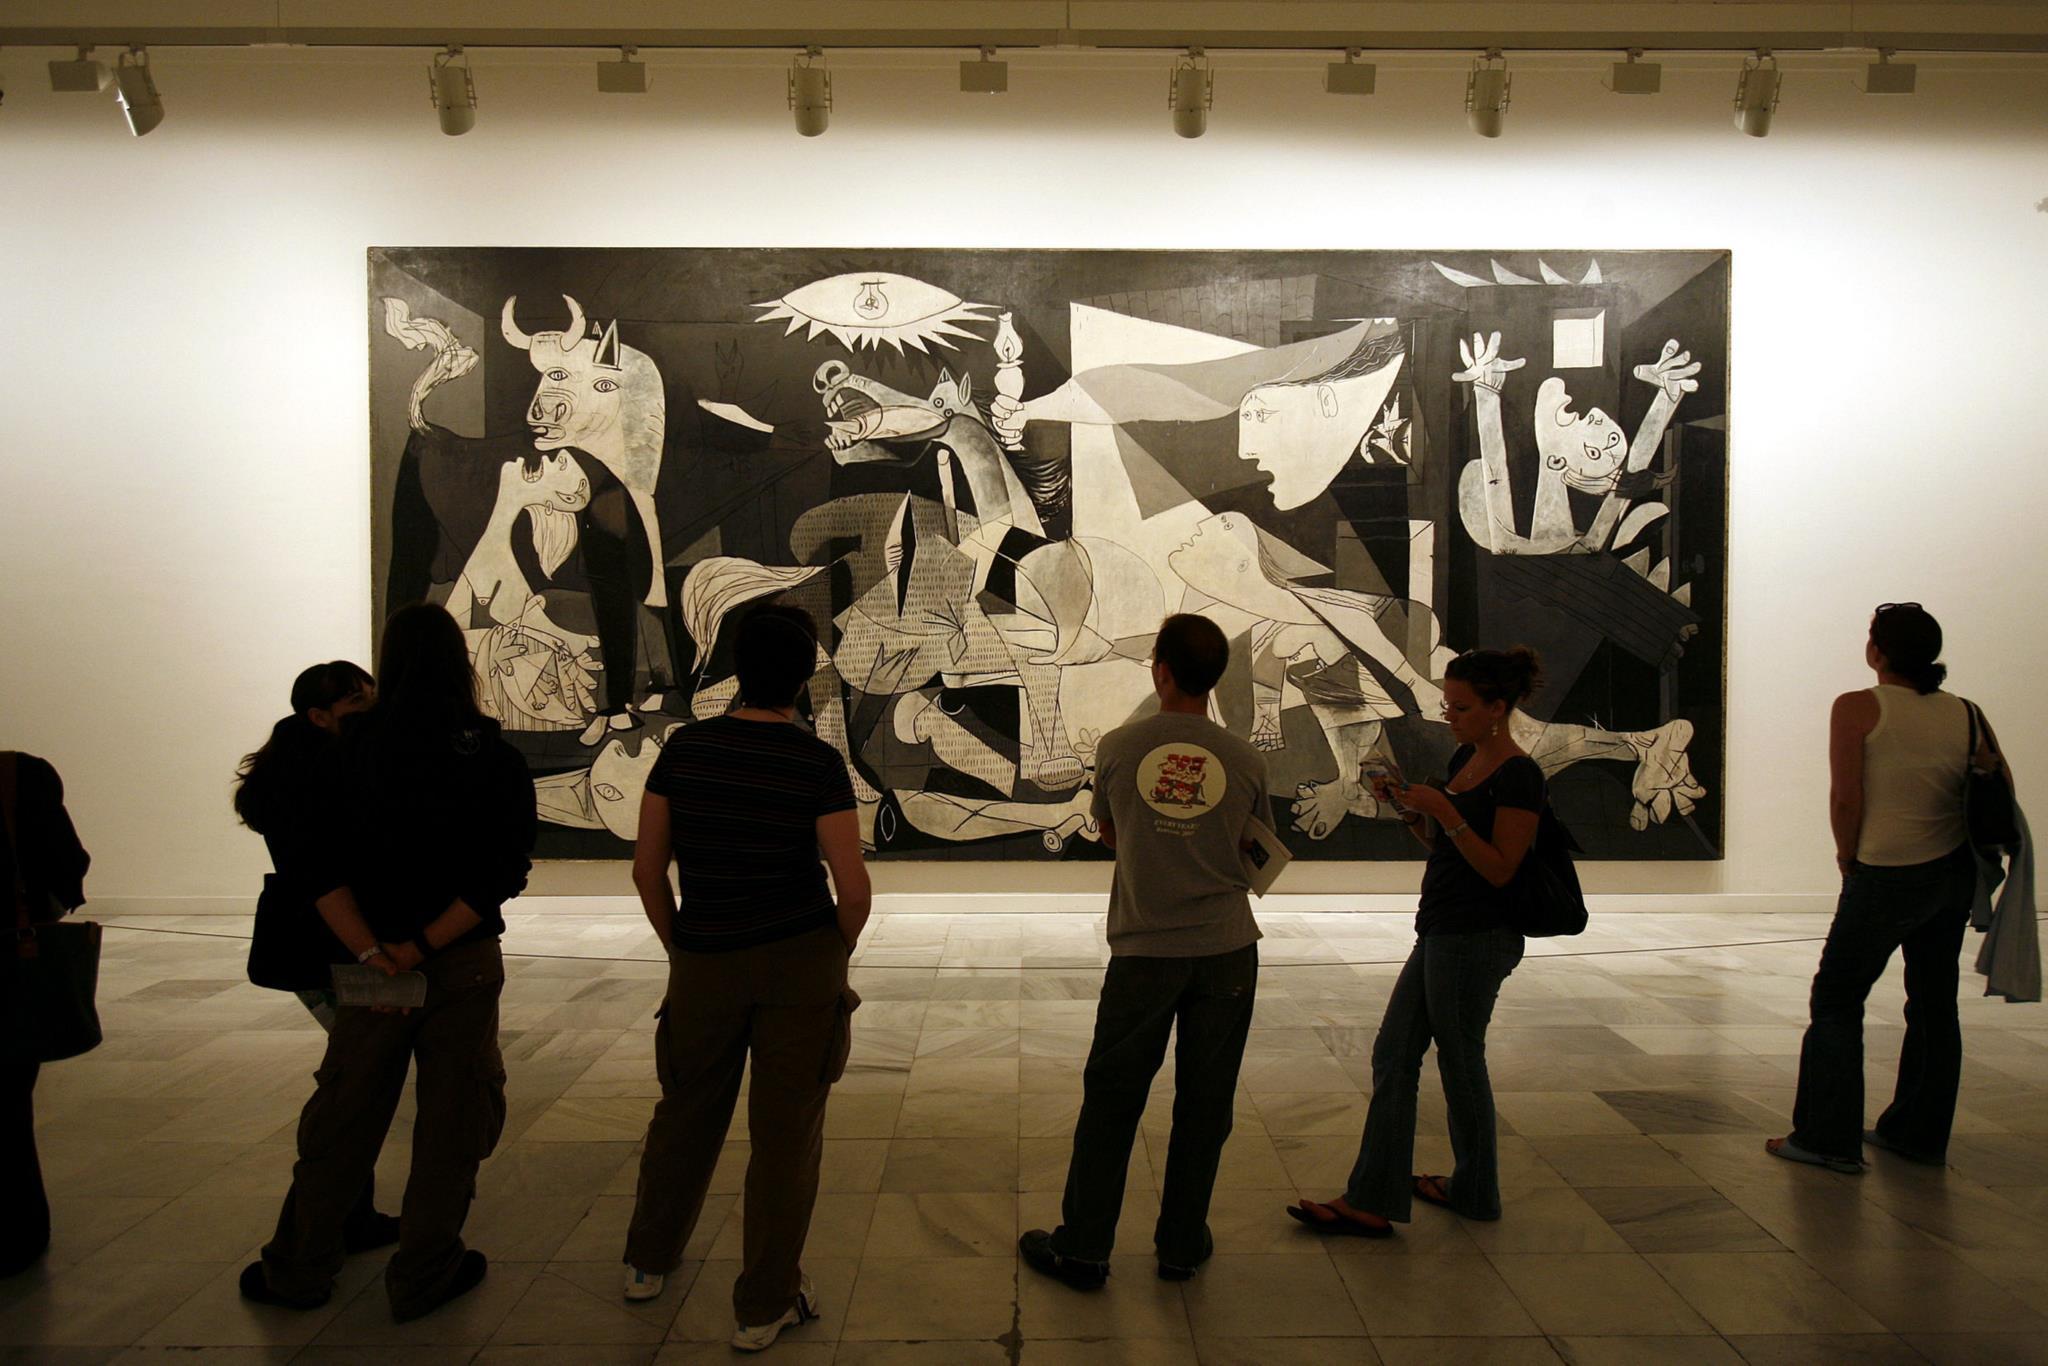 PÚBLICO - Madrid desmantela mausoléu que glorificava participação nazi no massacre de Guernica